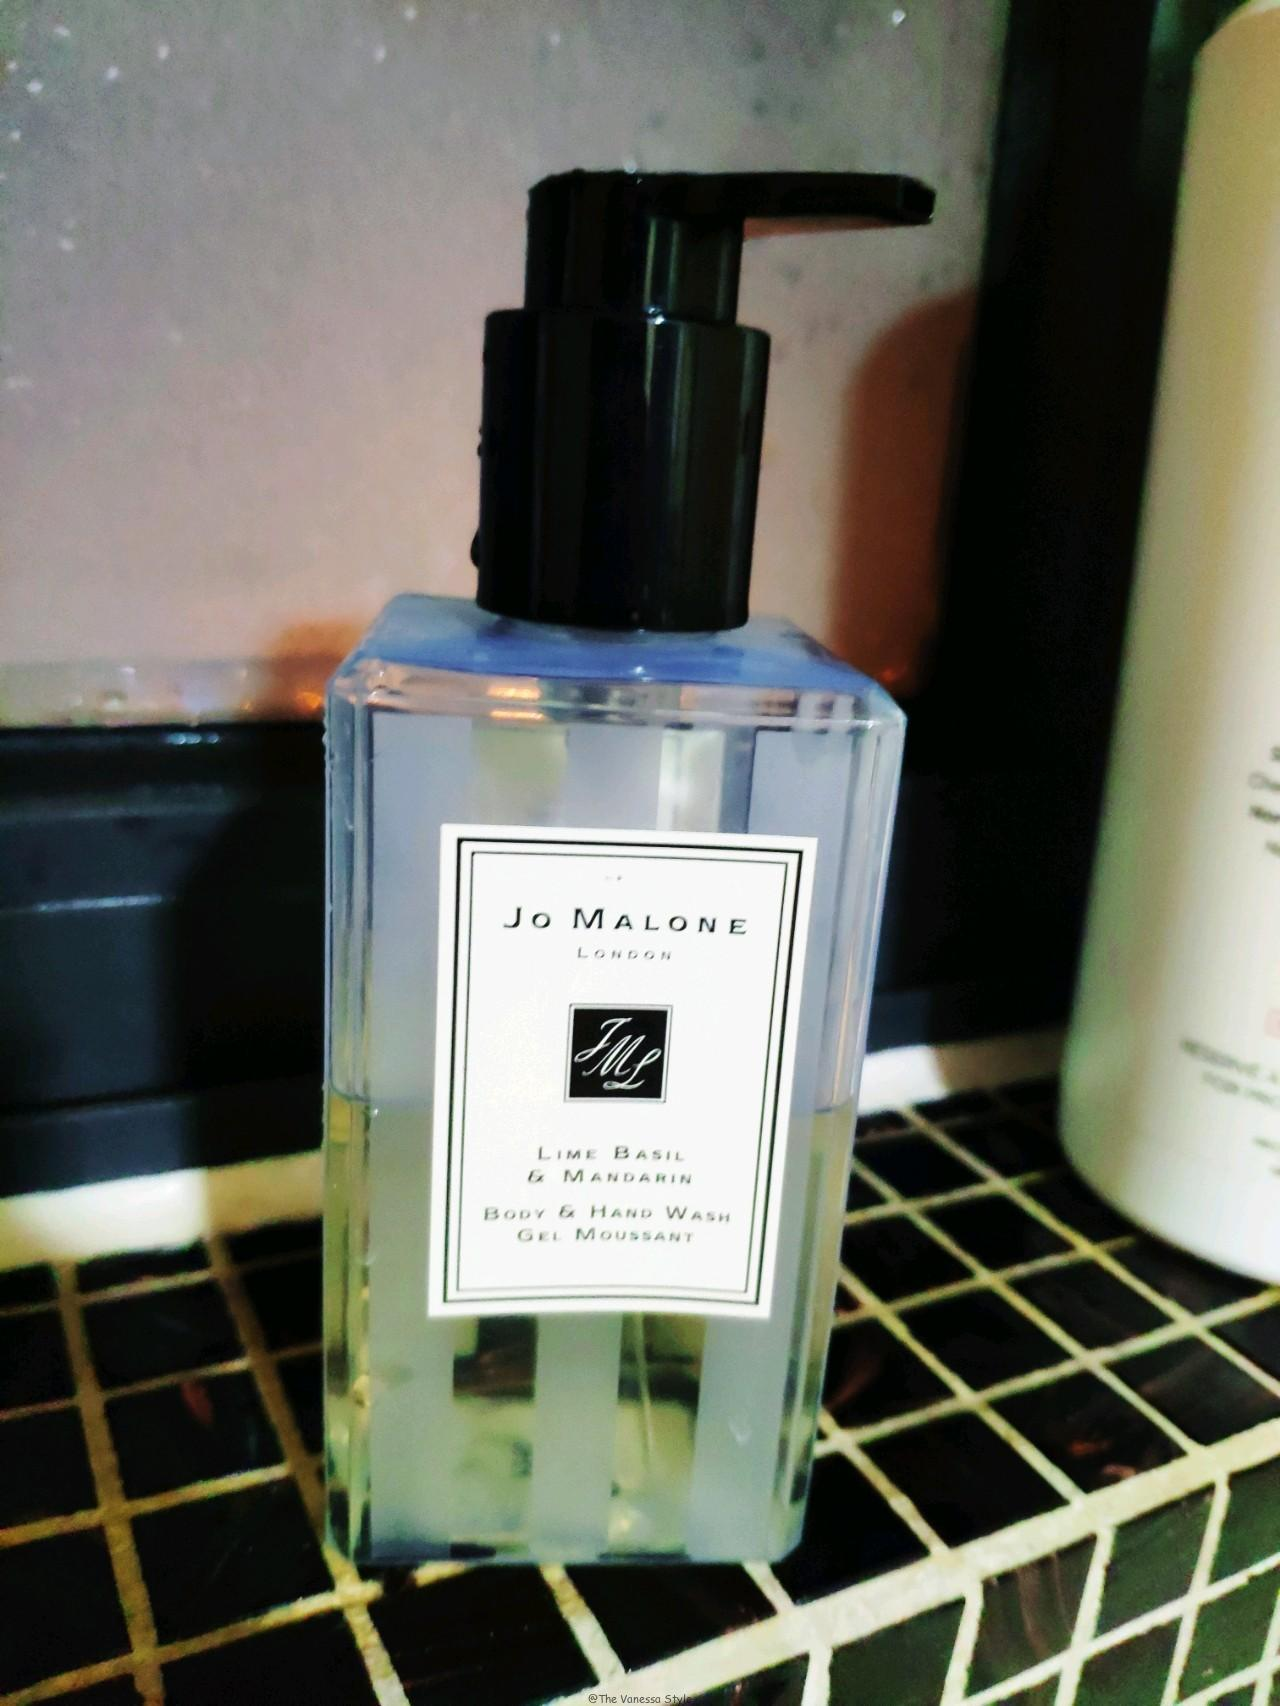 Jo Malone London Lime Basil Mandarin Body Hand Wash Review 2 - Jo Malone London Lime Basil & Mandarin Body & Hand Wash Review